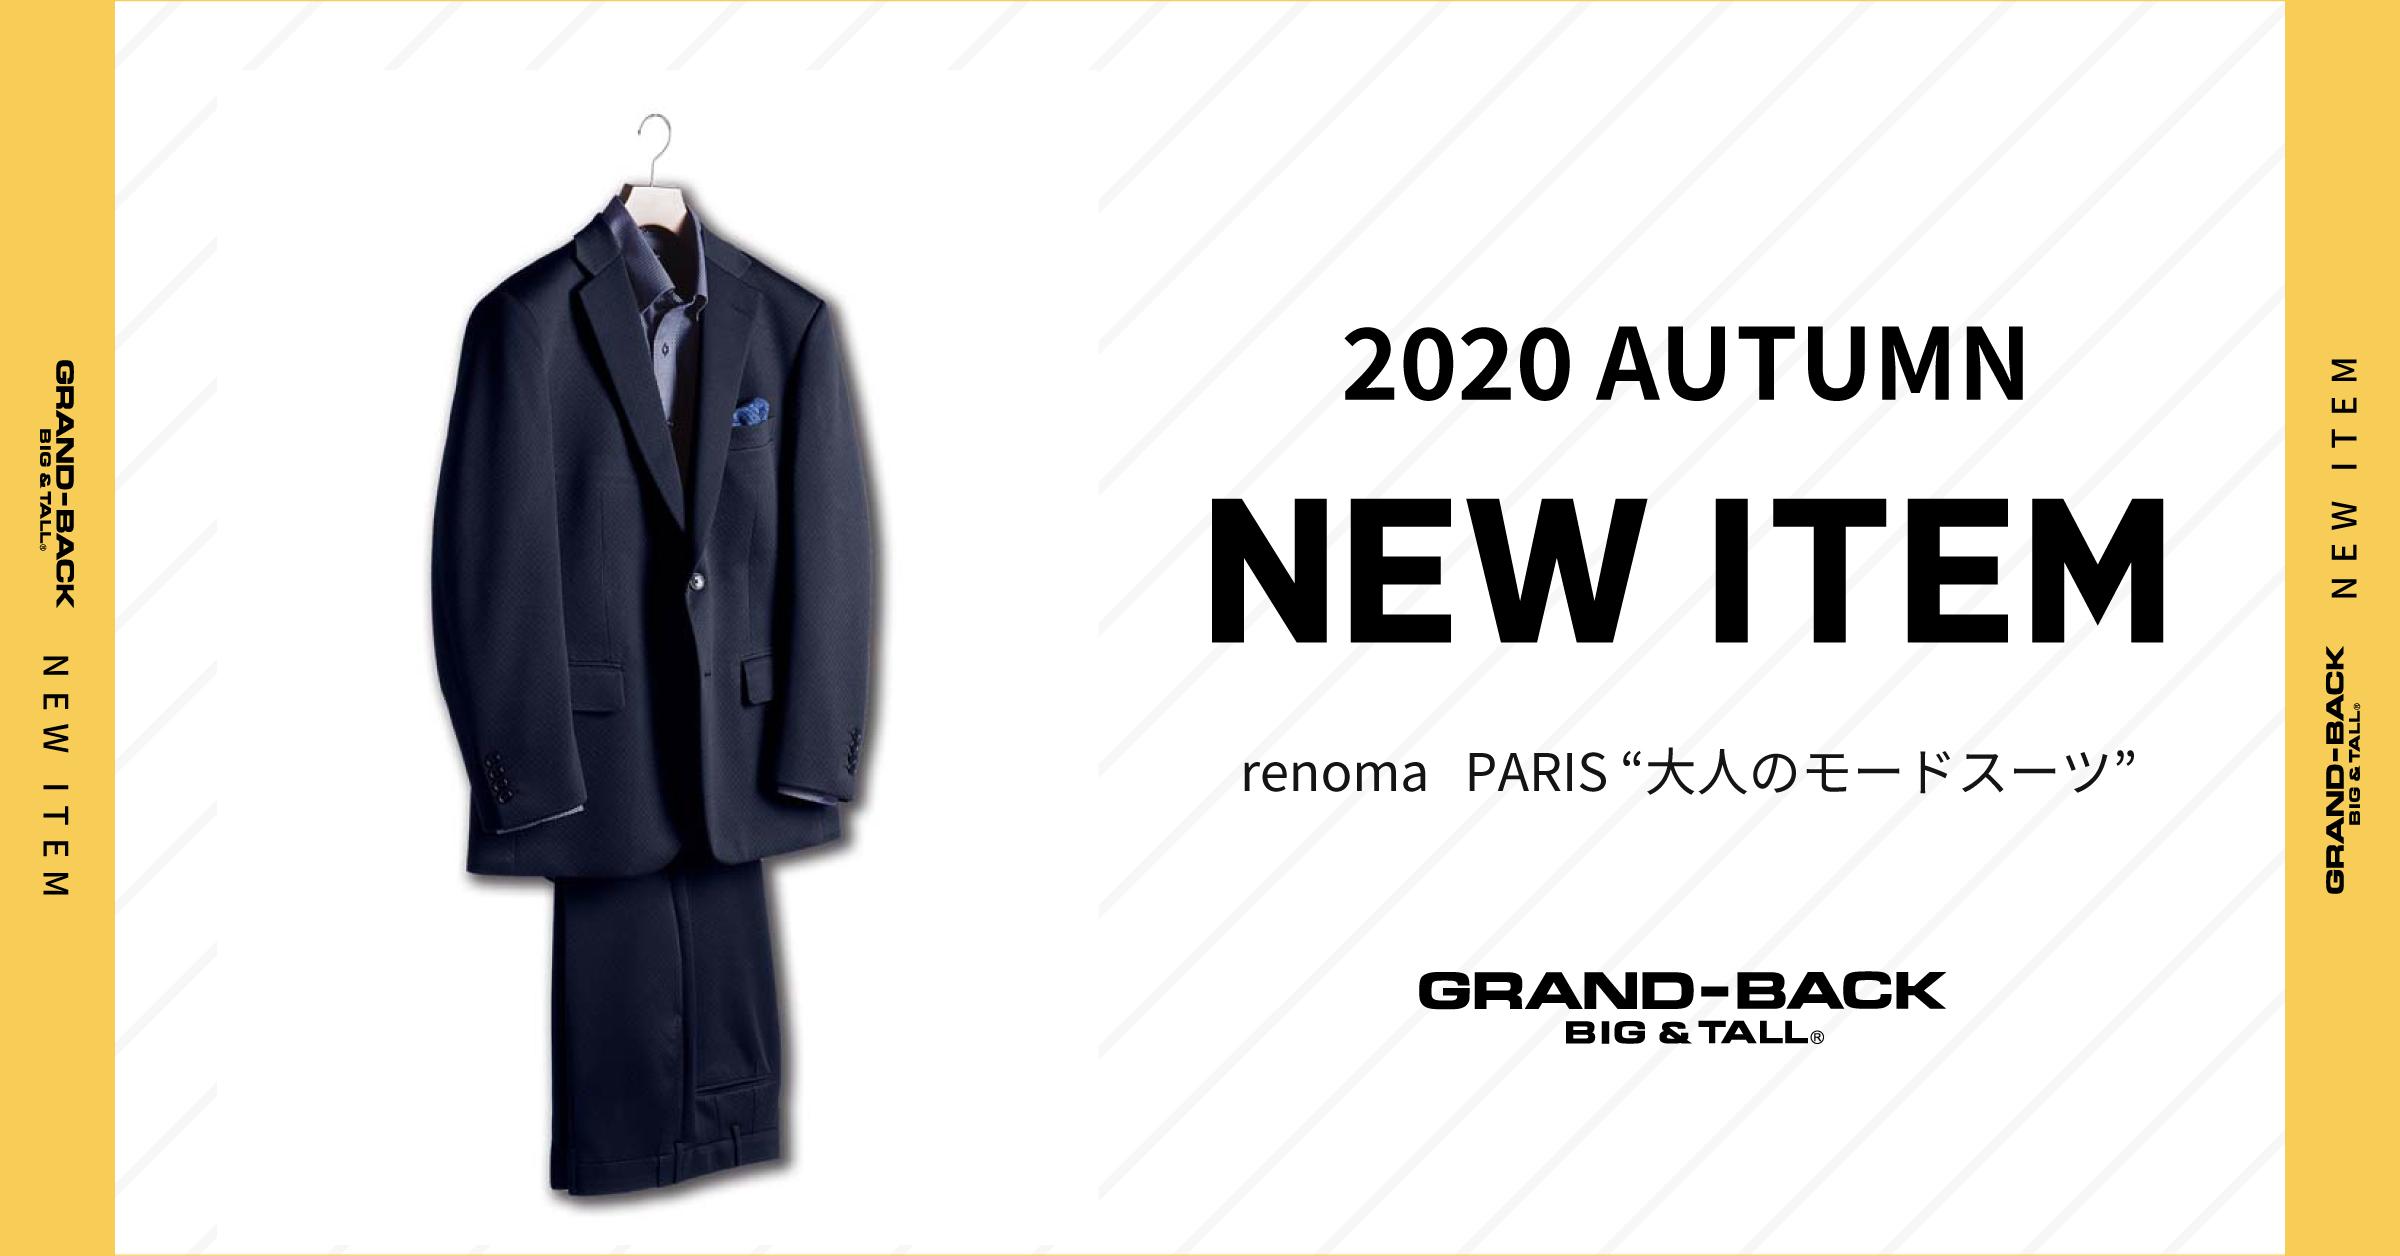 renoma PARIS 大人のモードスタイルスーツ デビュー